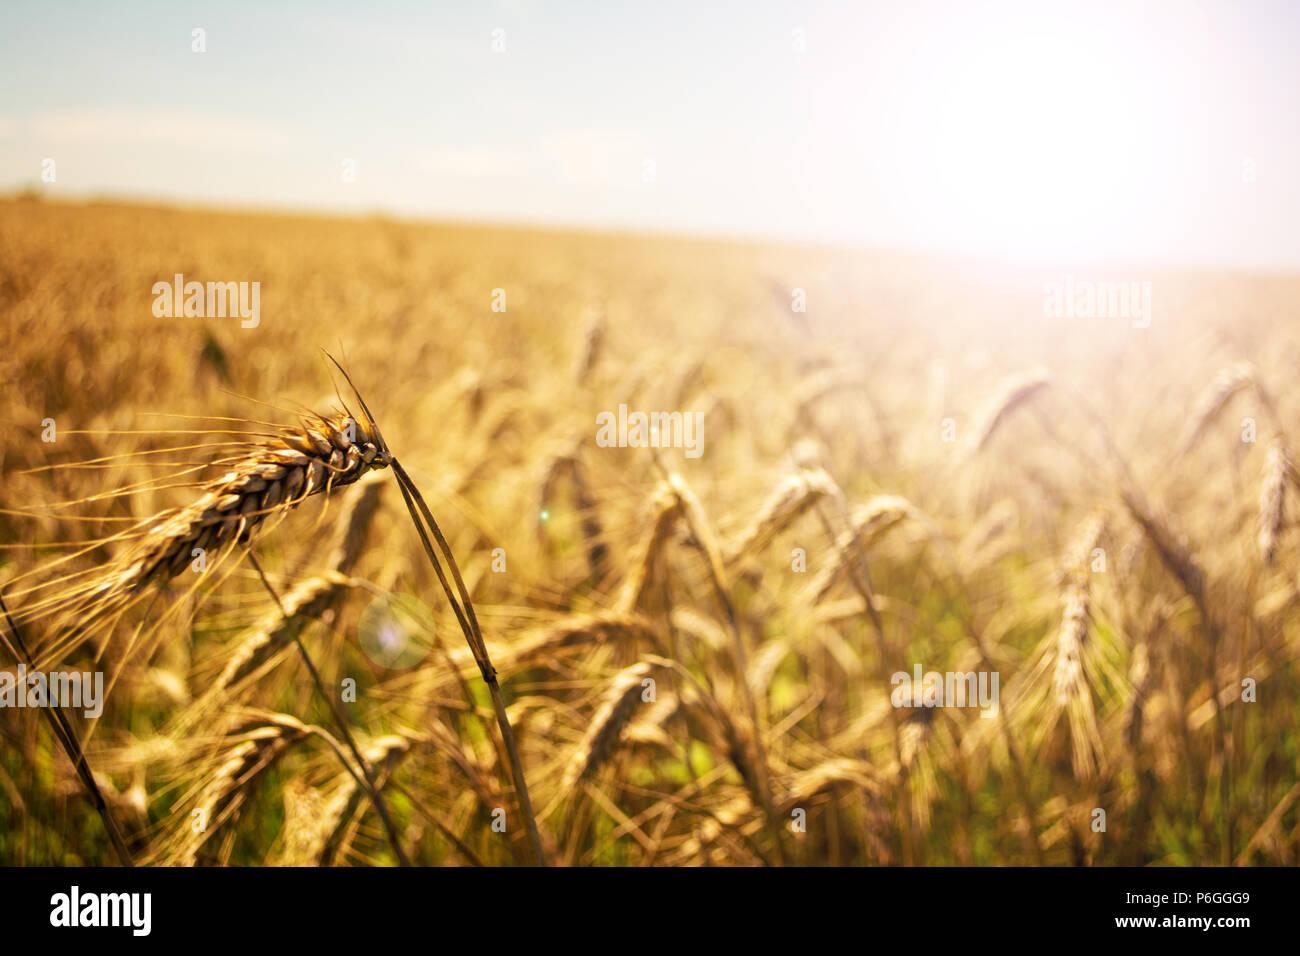 Weizenfeld. Ohren der goldene Weizen hautnah. Schöne Natur Sonnenuntergang Landschaft. Landschaft unter der strahlenden Sonne. Hintergrund der reifenden Ähren wiese Weizenfeld. Reiche Ernte Konzept. Soft Focus. Stockfoto